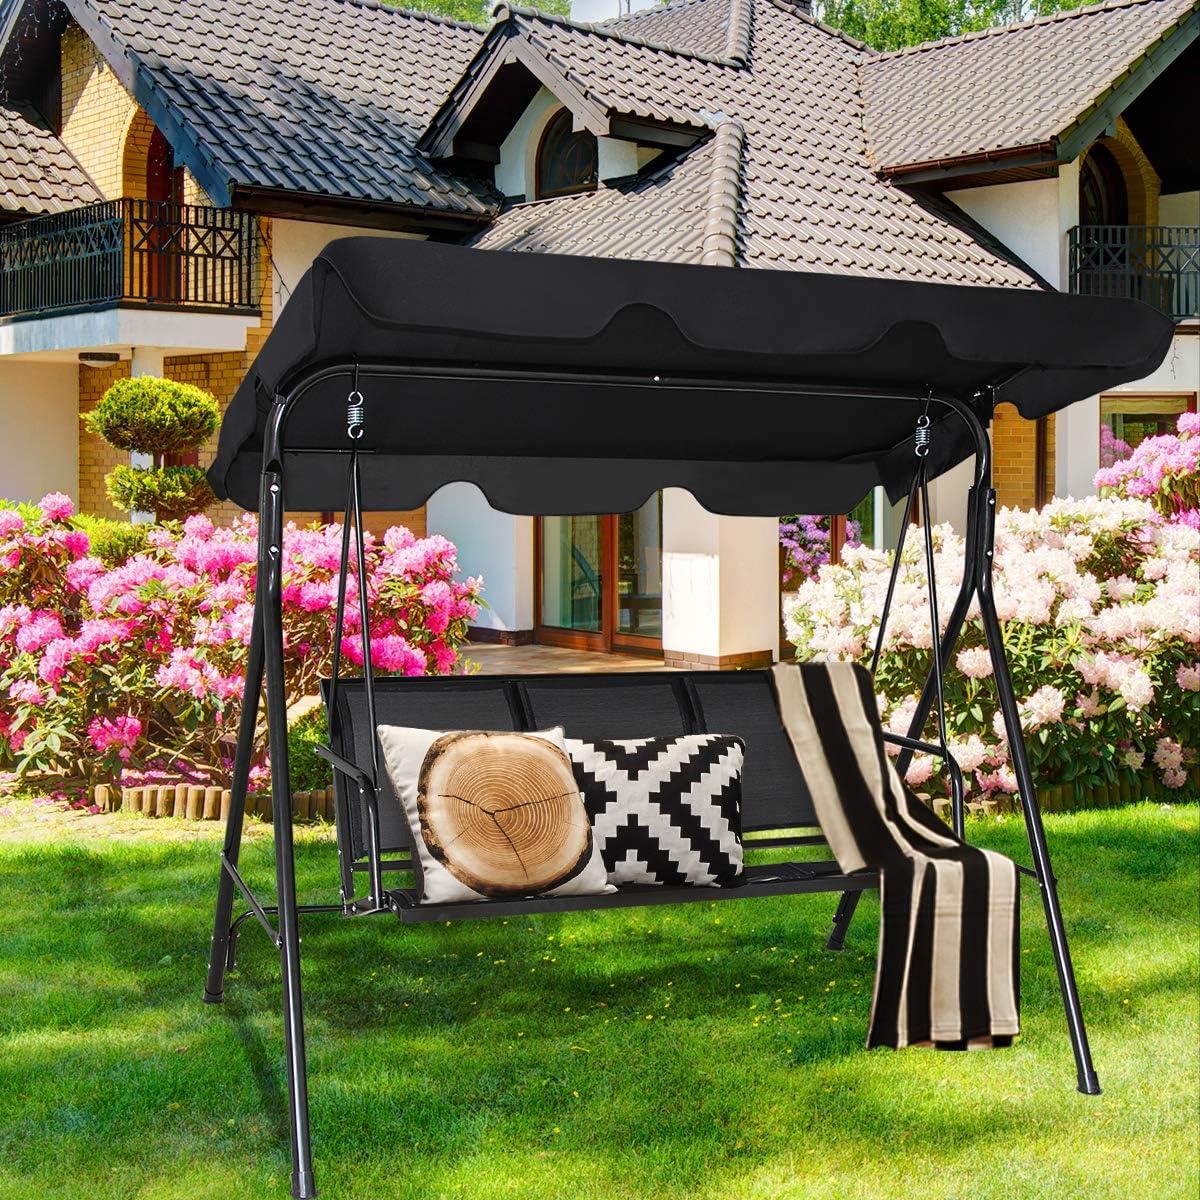 COSTWAY - Silla de jardín de 3 plazas, cubierta de acero con revestimiento de polvo, asientos acolchados para patio, hamaca de metal, 240 kg, negro: Amazon.es: Hogar